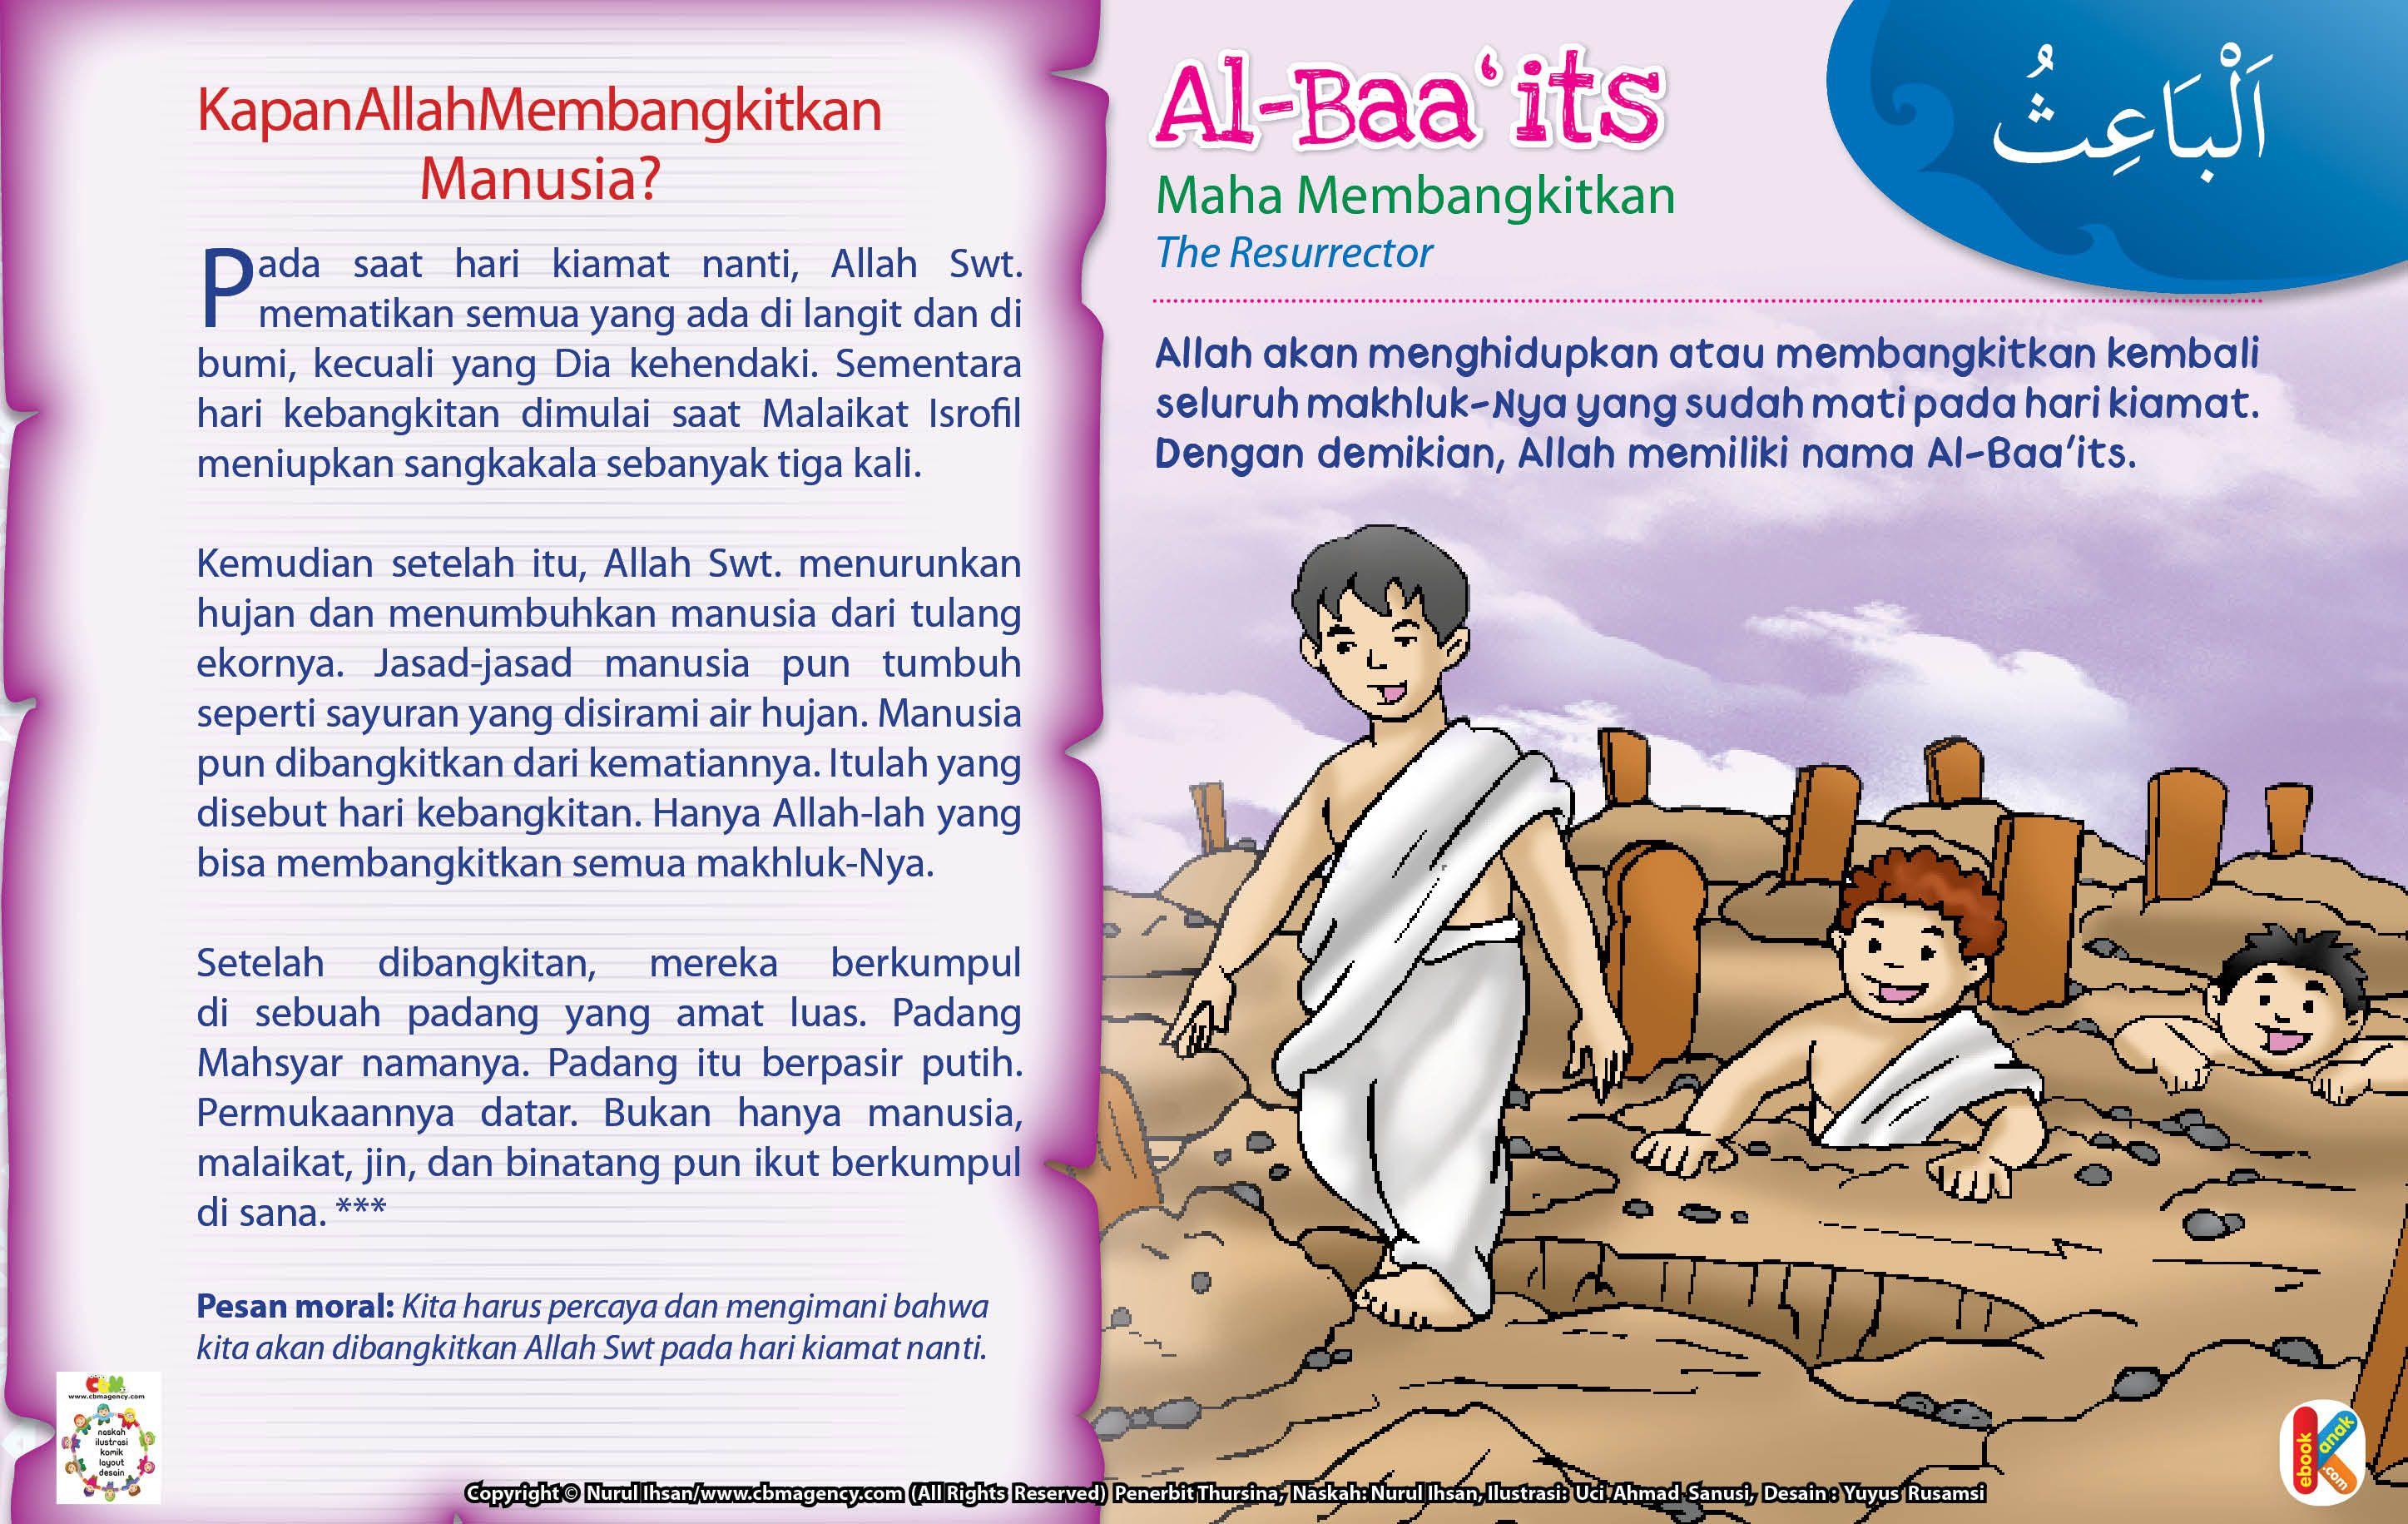 Kisah Asma'ul Husna AlBaa'its Anak, Pendidikan